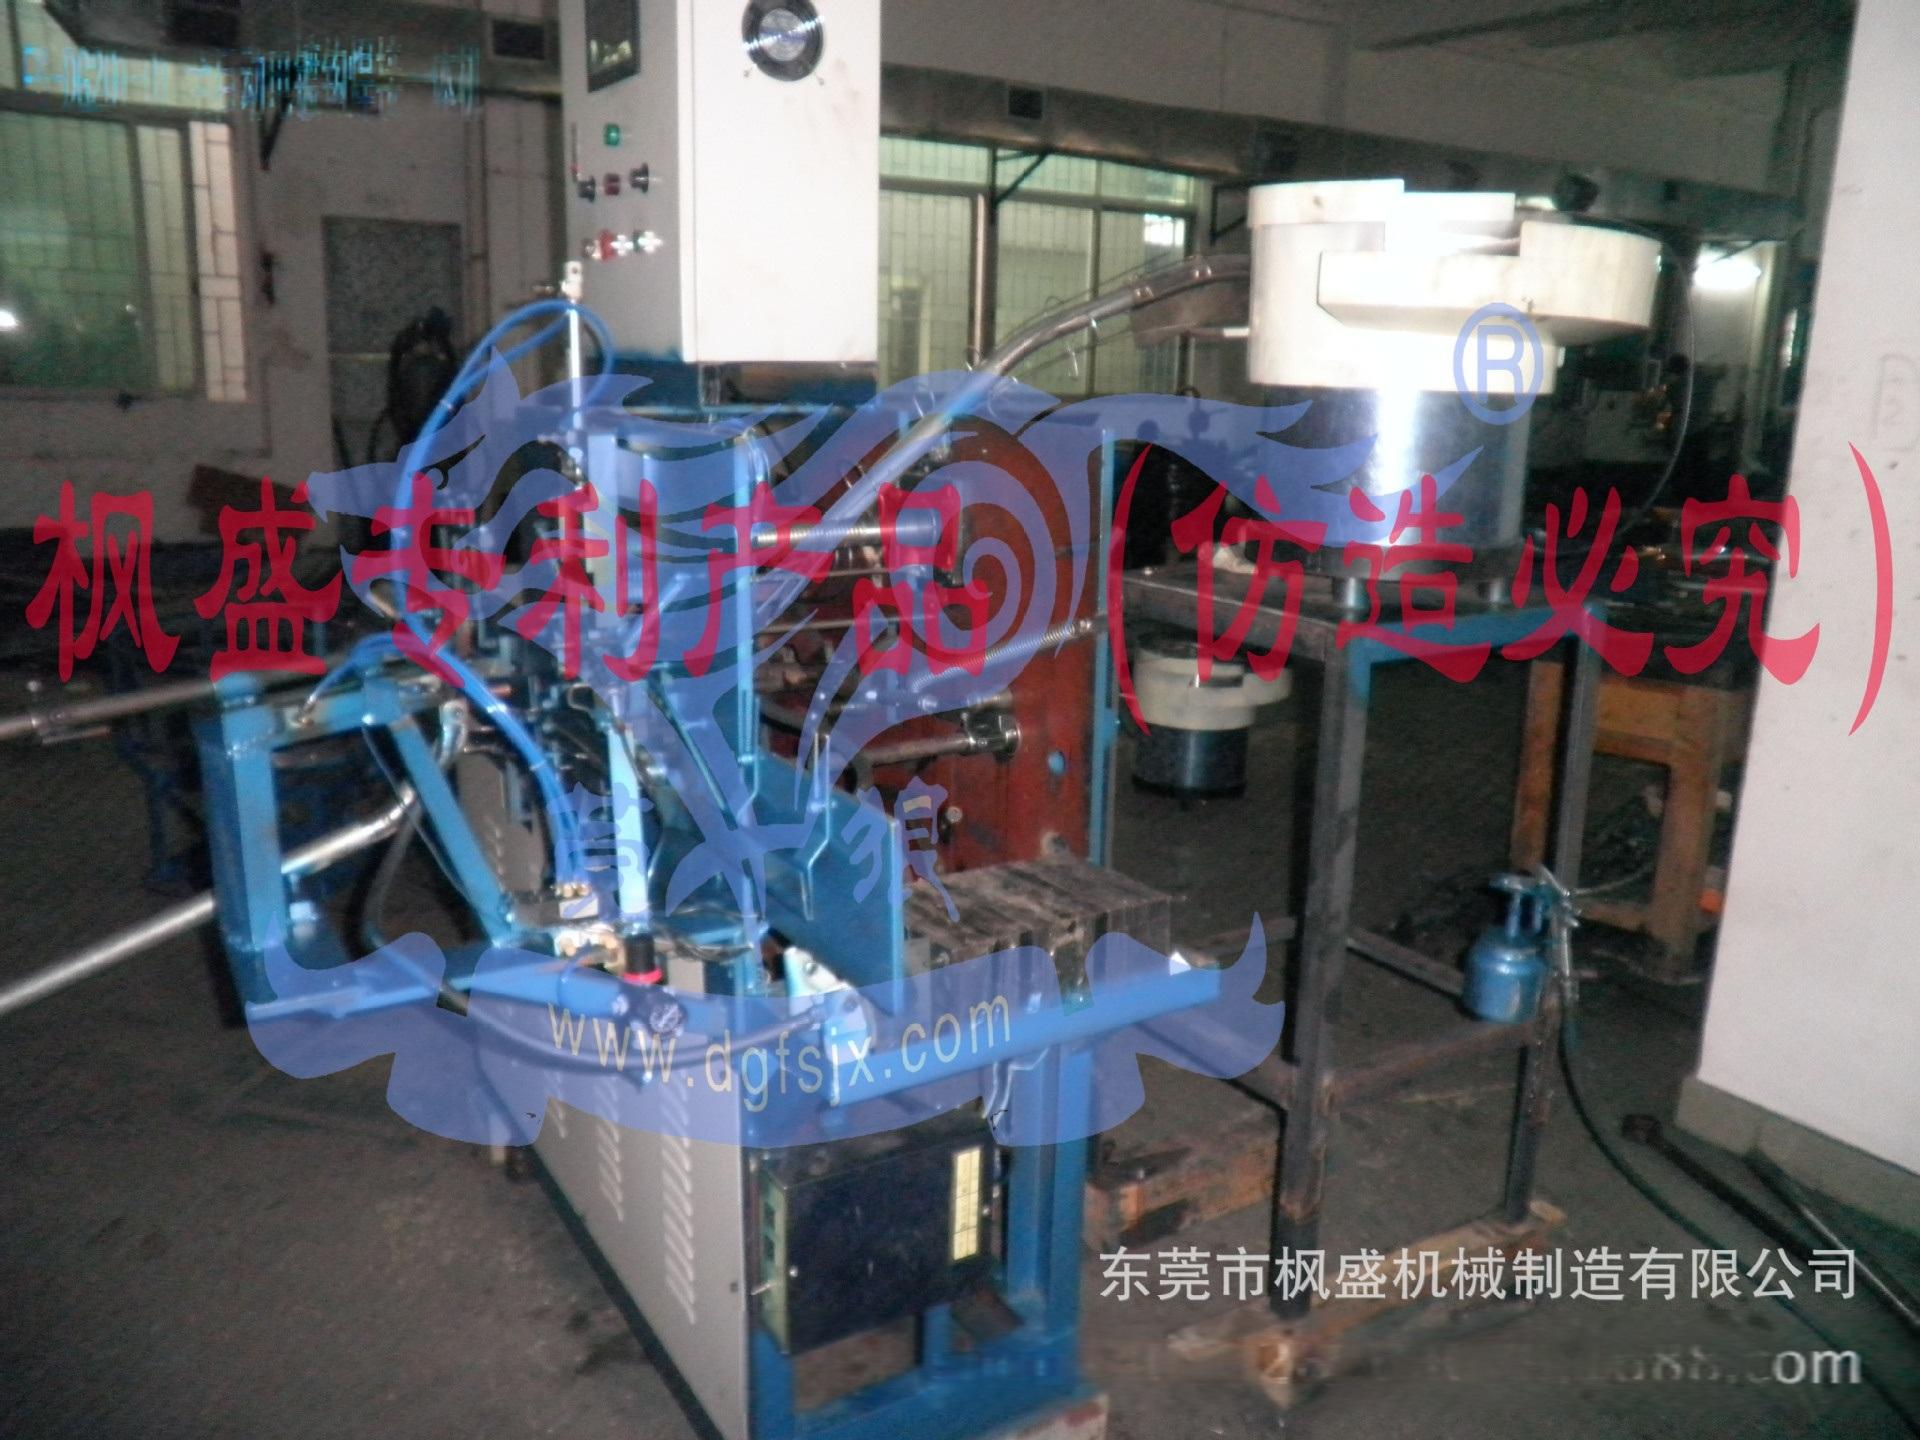 電鍍鉤焊接一體機側面